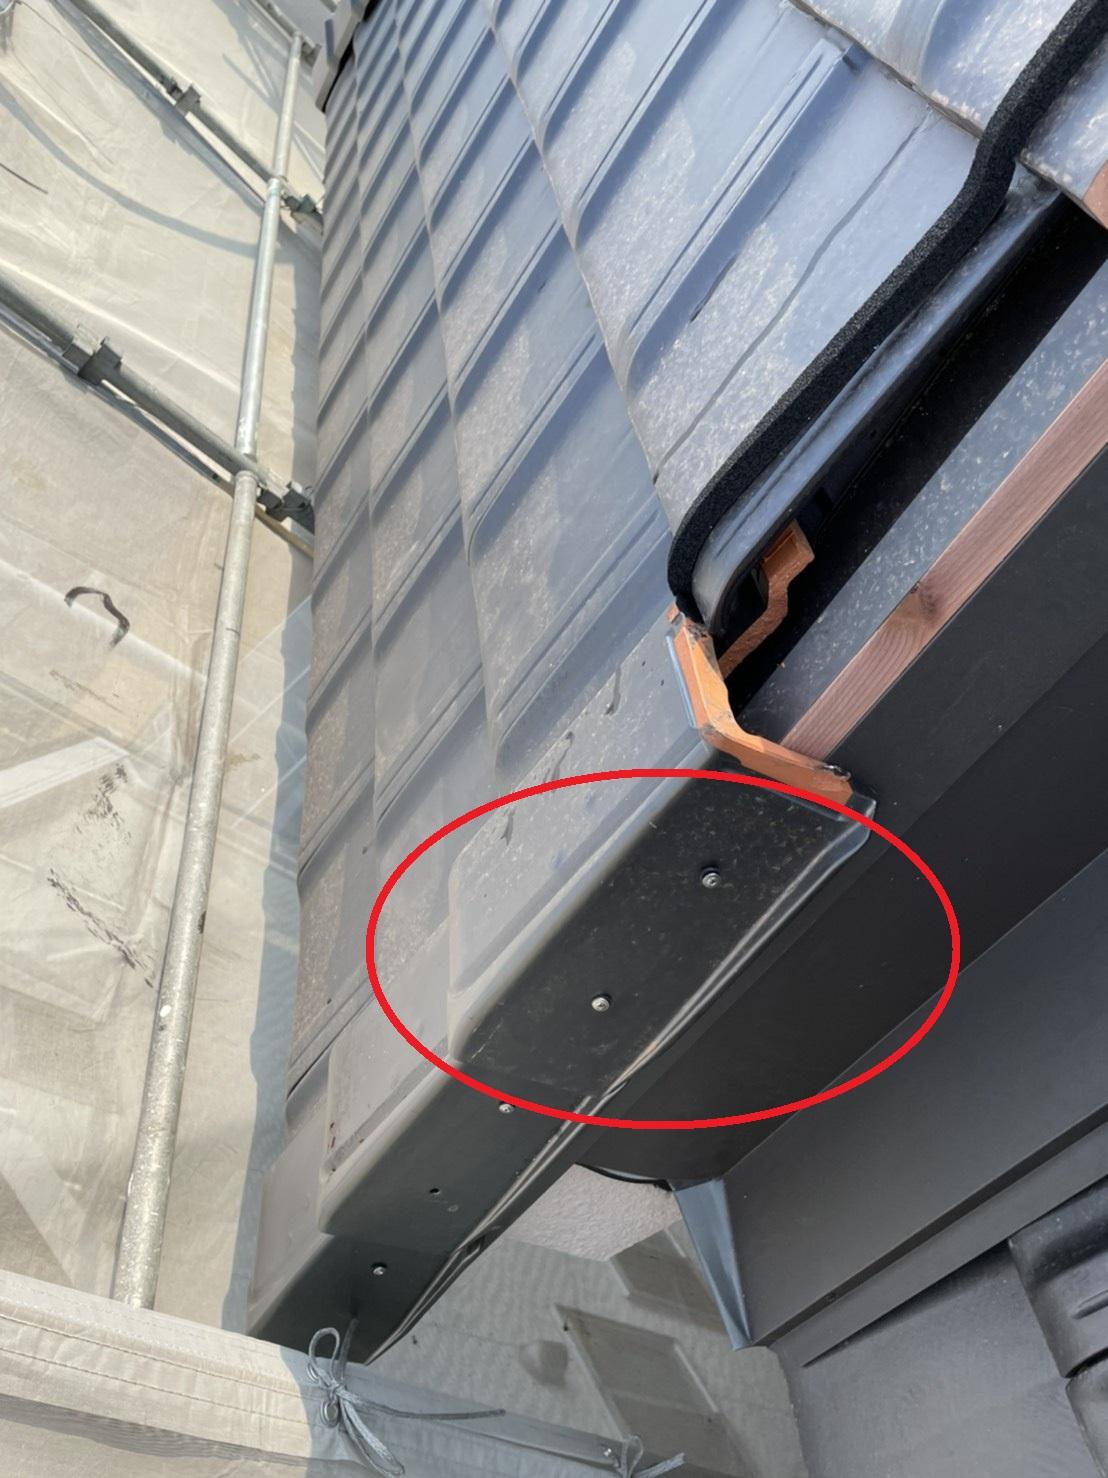 加古郡稲美町での屋根工事で袖瓦を取り付けている様子